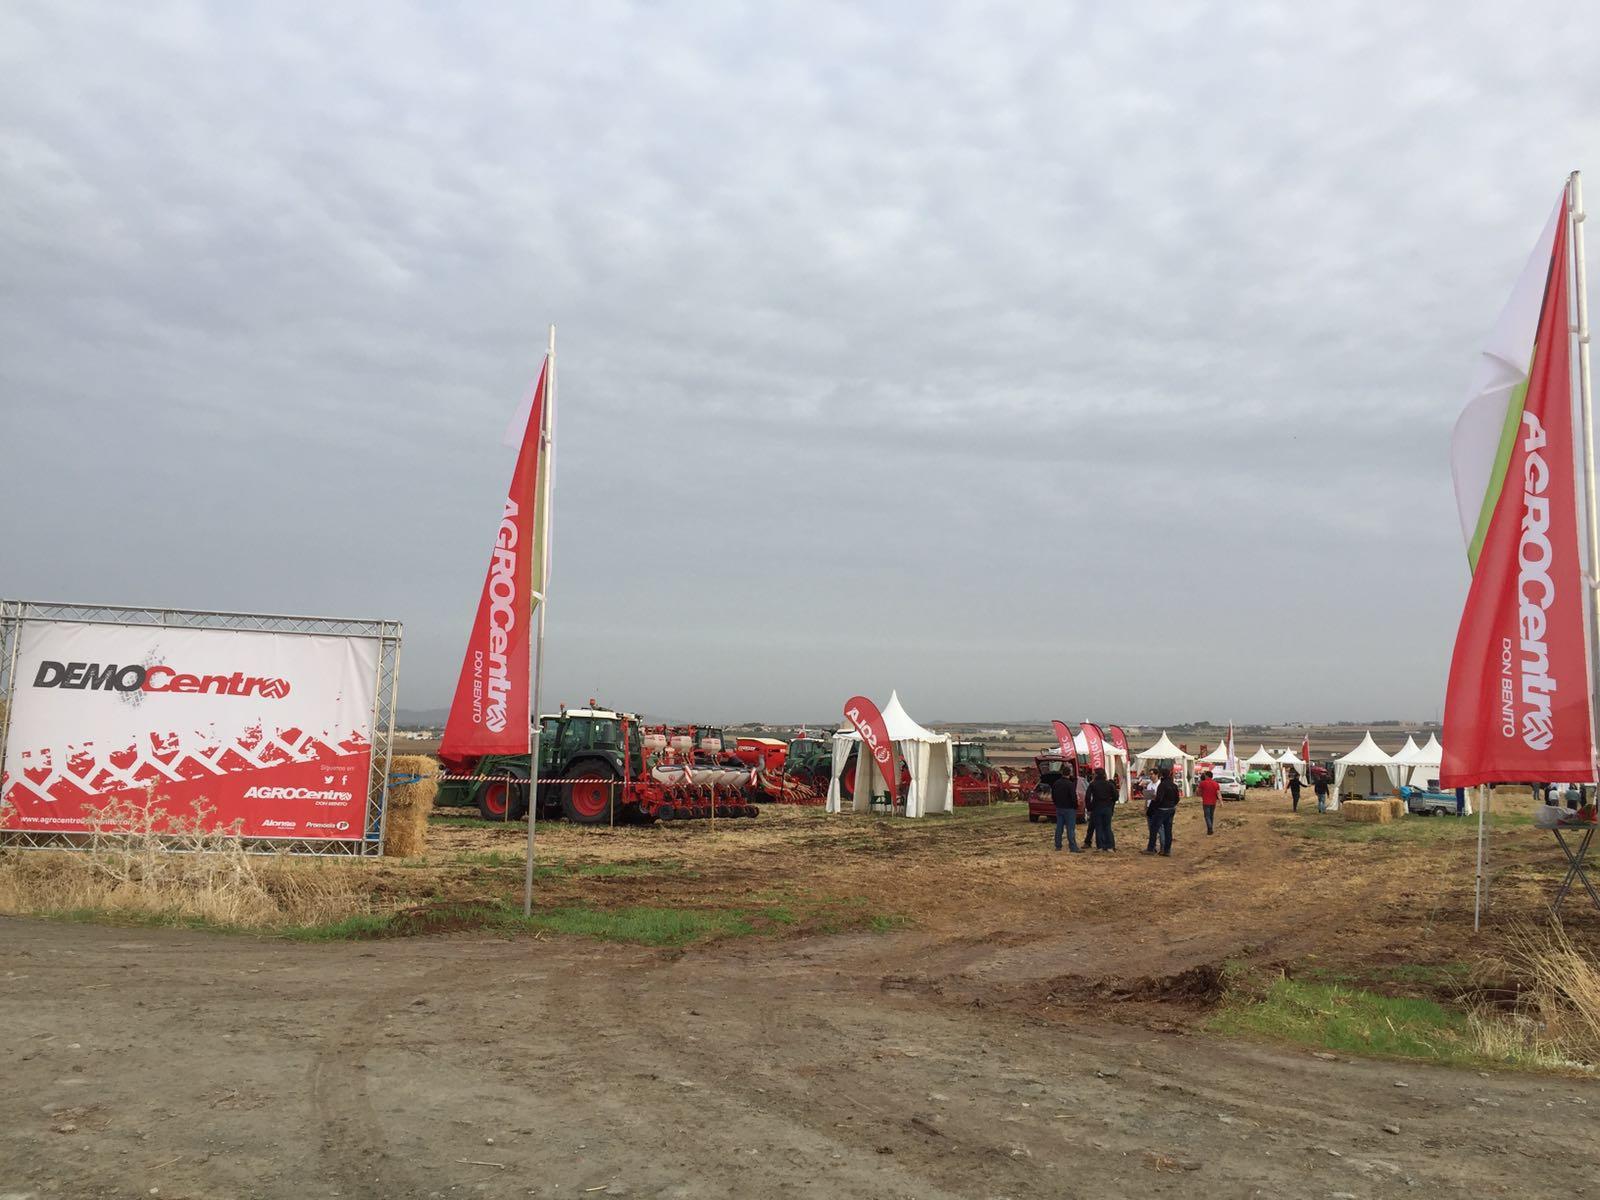 Ovlac, en las demostraciones de Democentro con toda su gama de maquinaria agricola